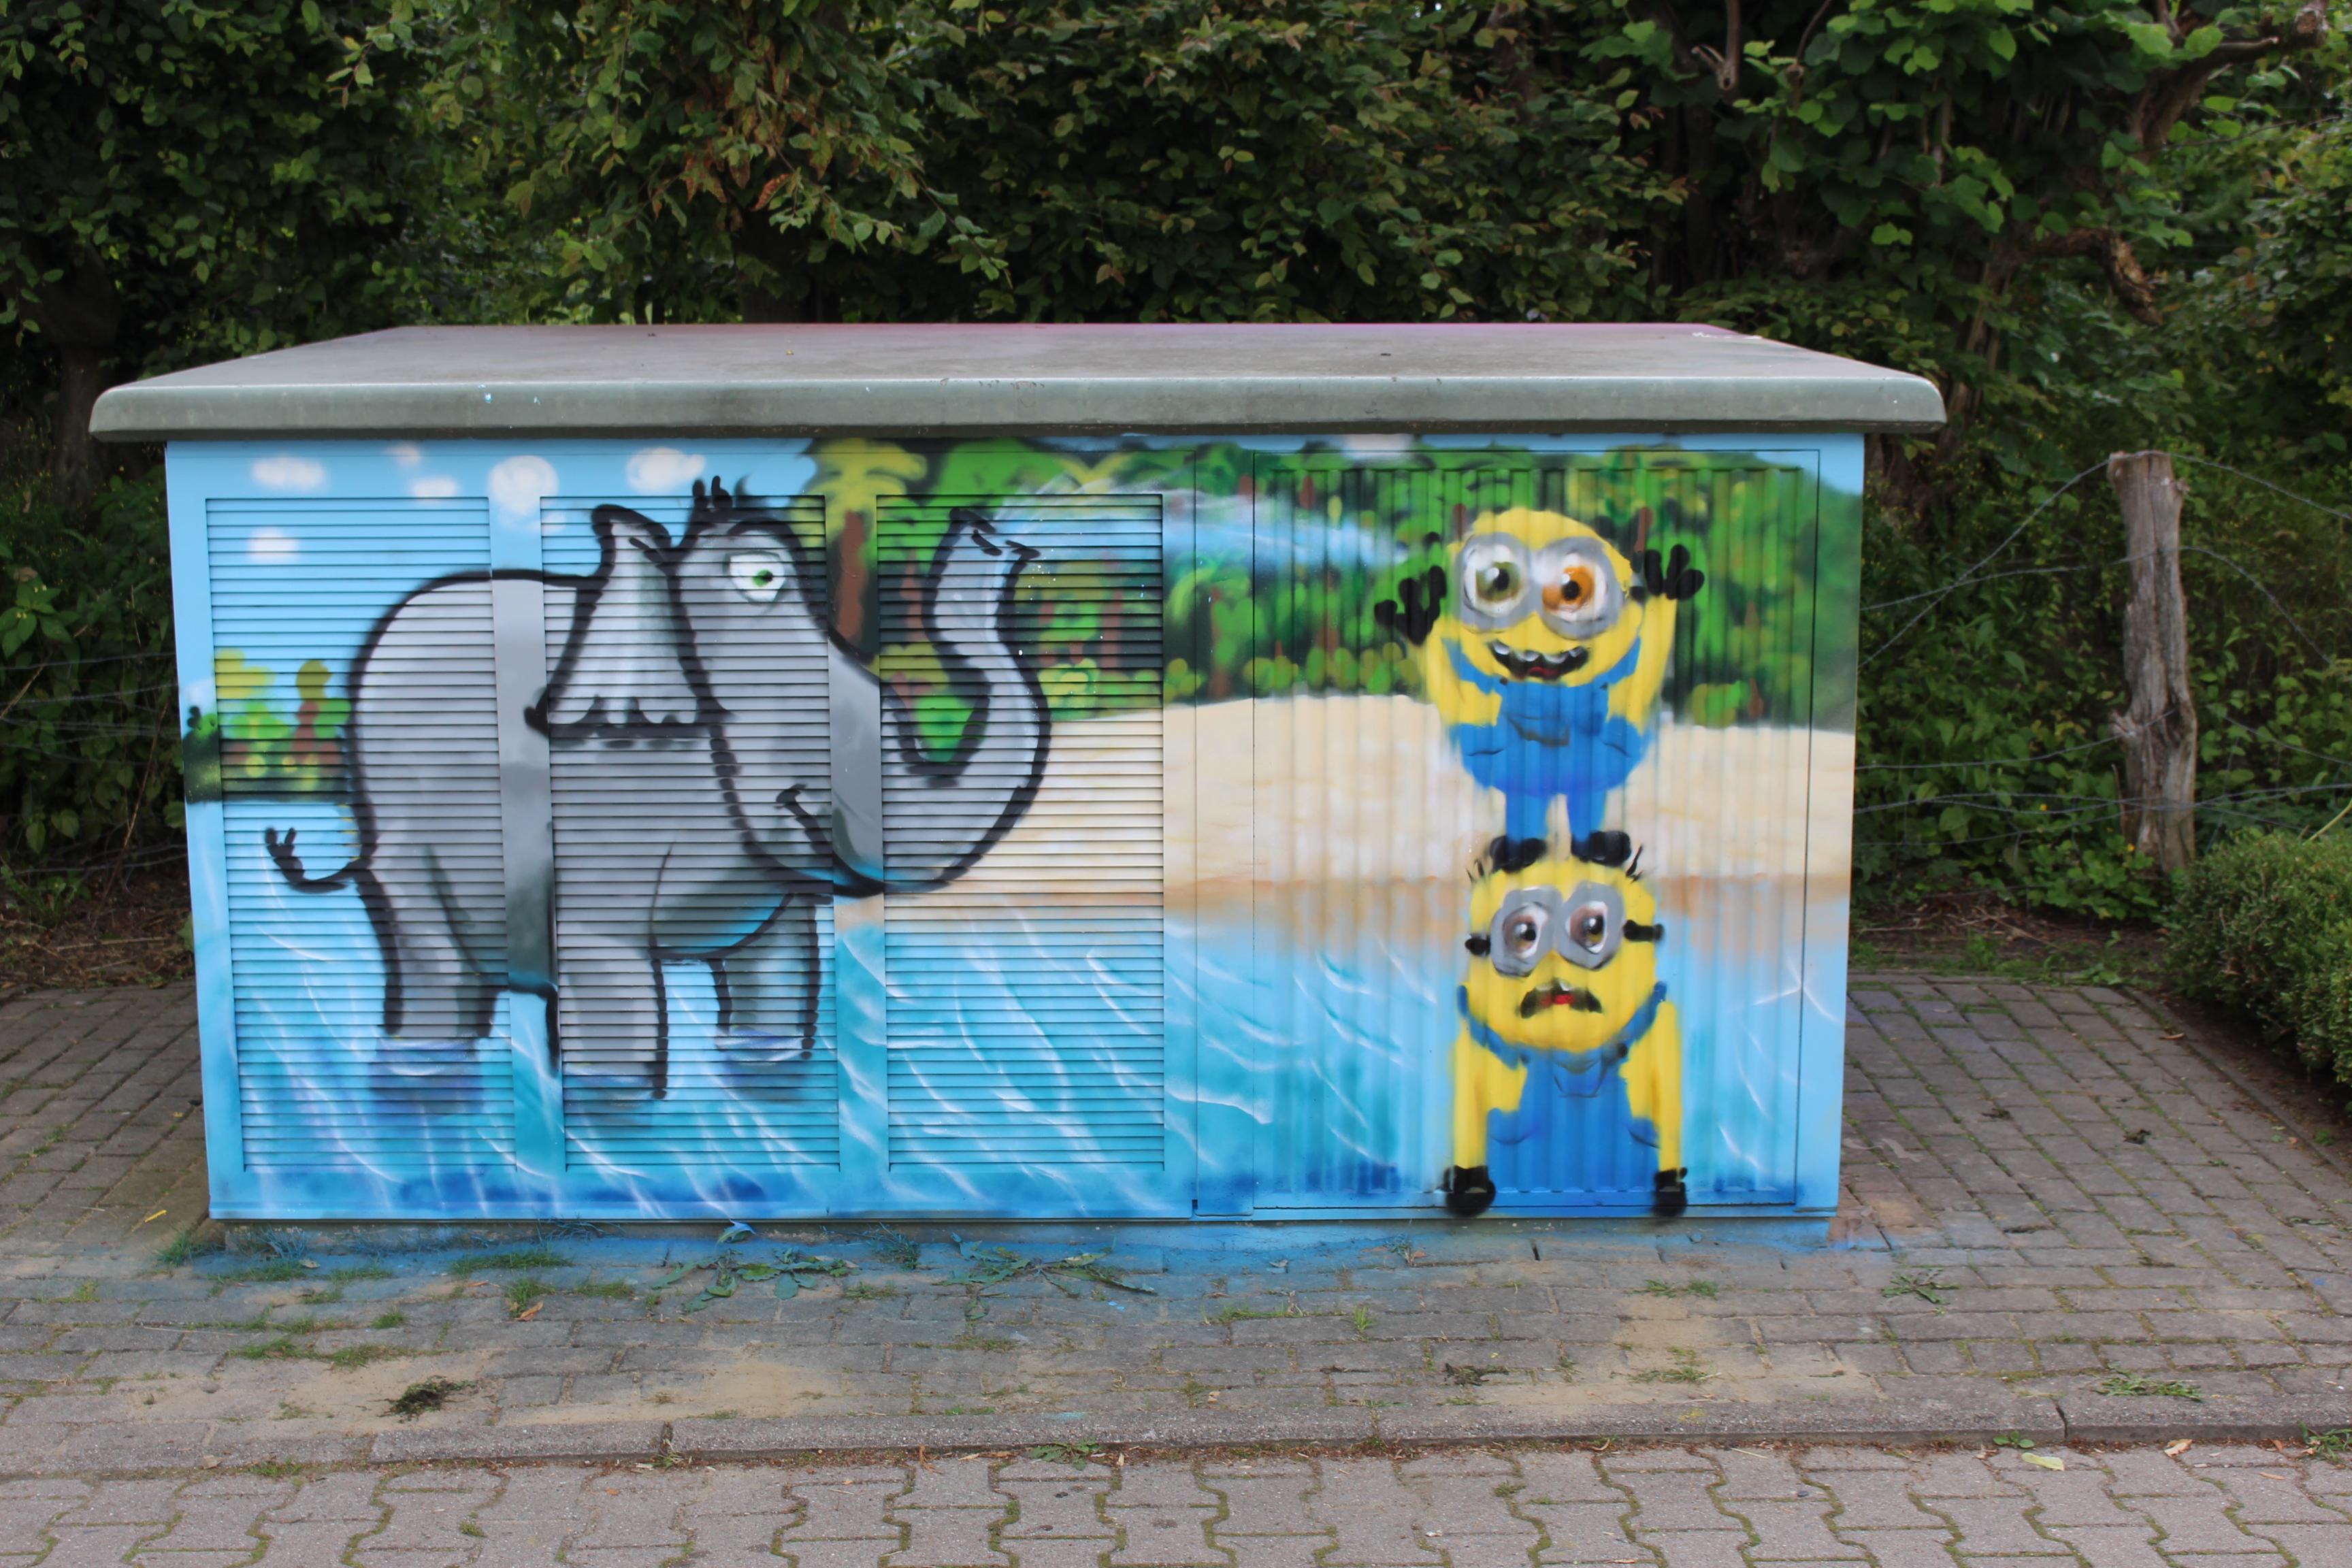 Graffitiprojekt Kröppelshagen Trafostation Seite2 Elefant Strand Minions